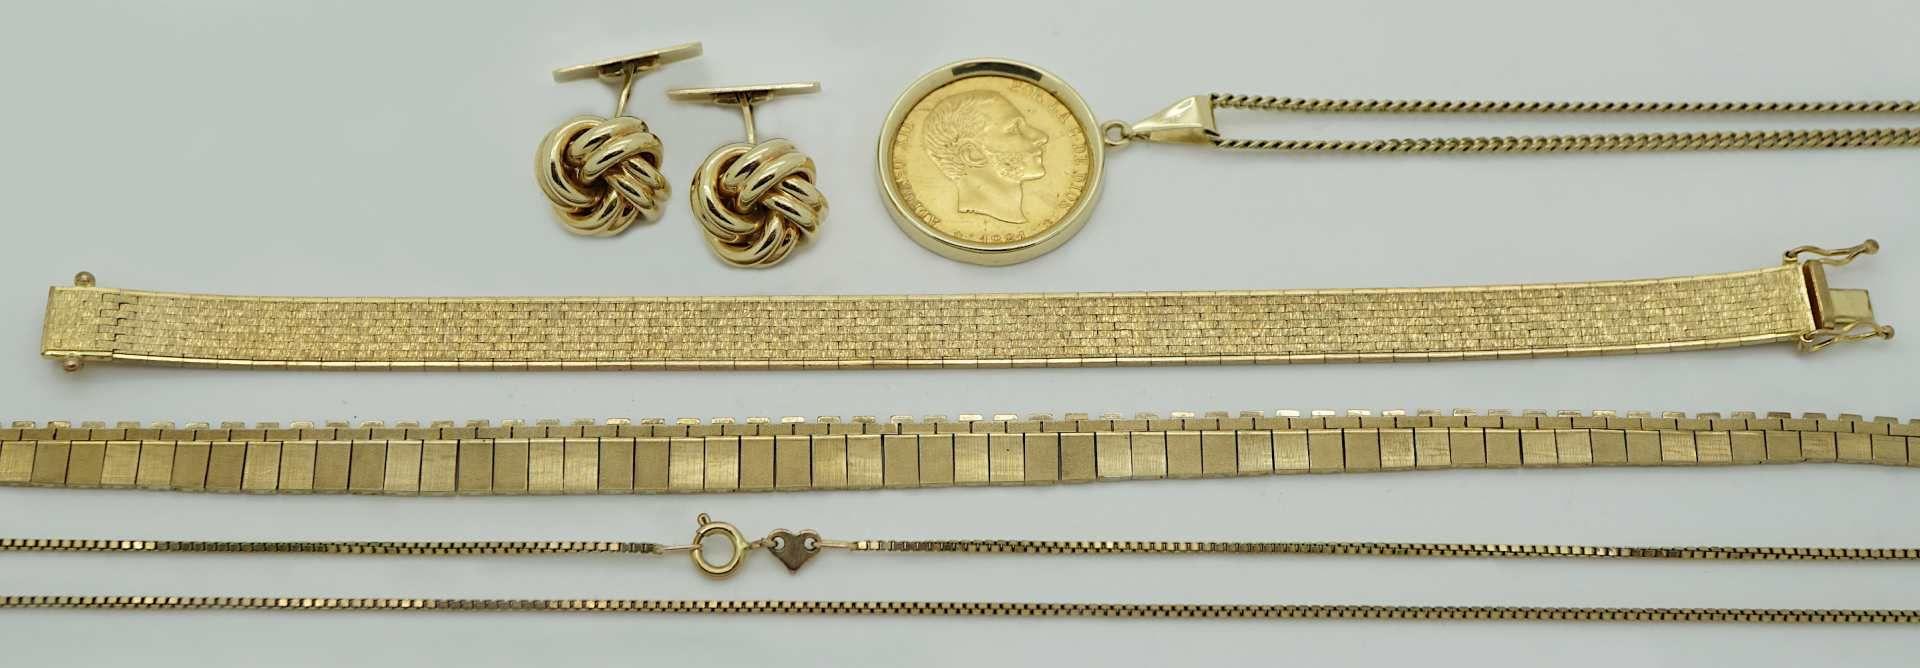 1 Konv. Schmuck GG 8/14ct. gefasste Goldmünze Spanien aus Bischofsnachlass Dr. B. Kur